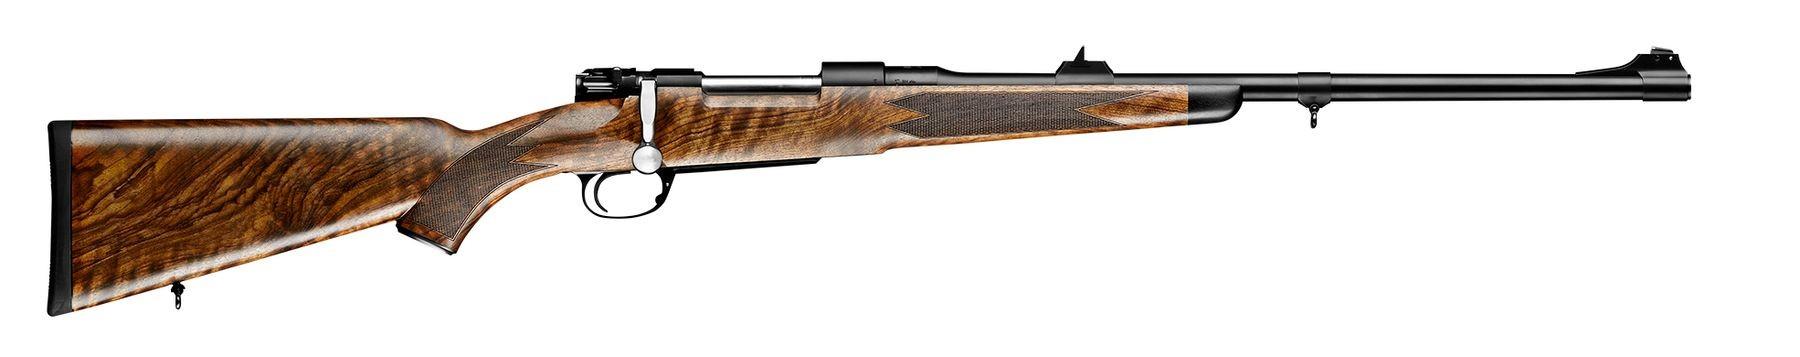 Mauser 98 Standard Expert